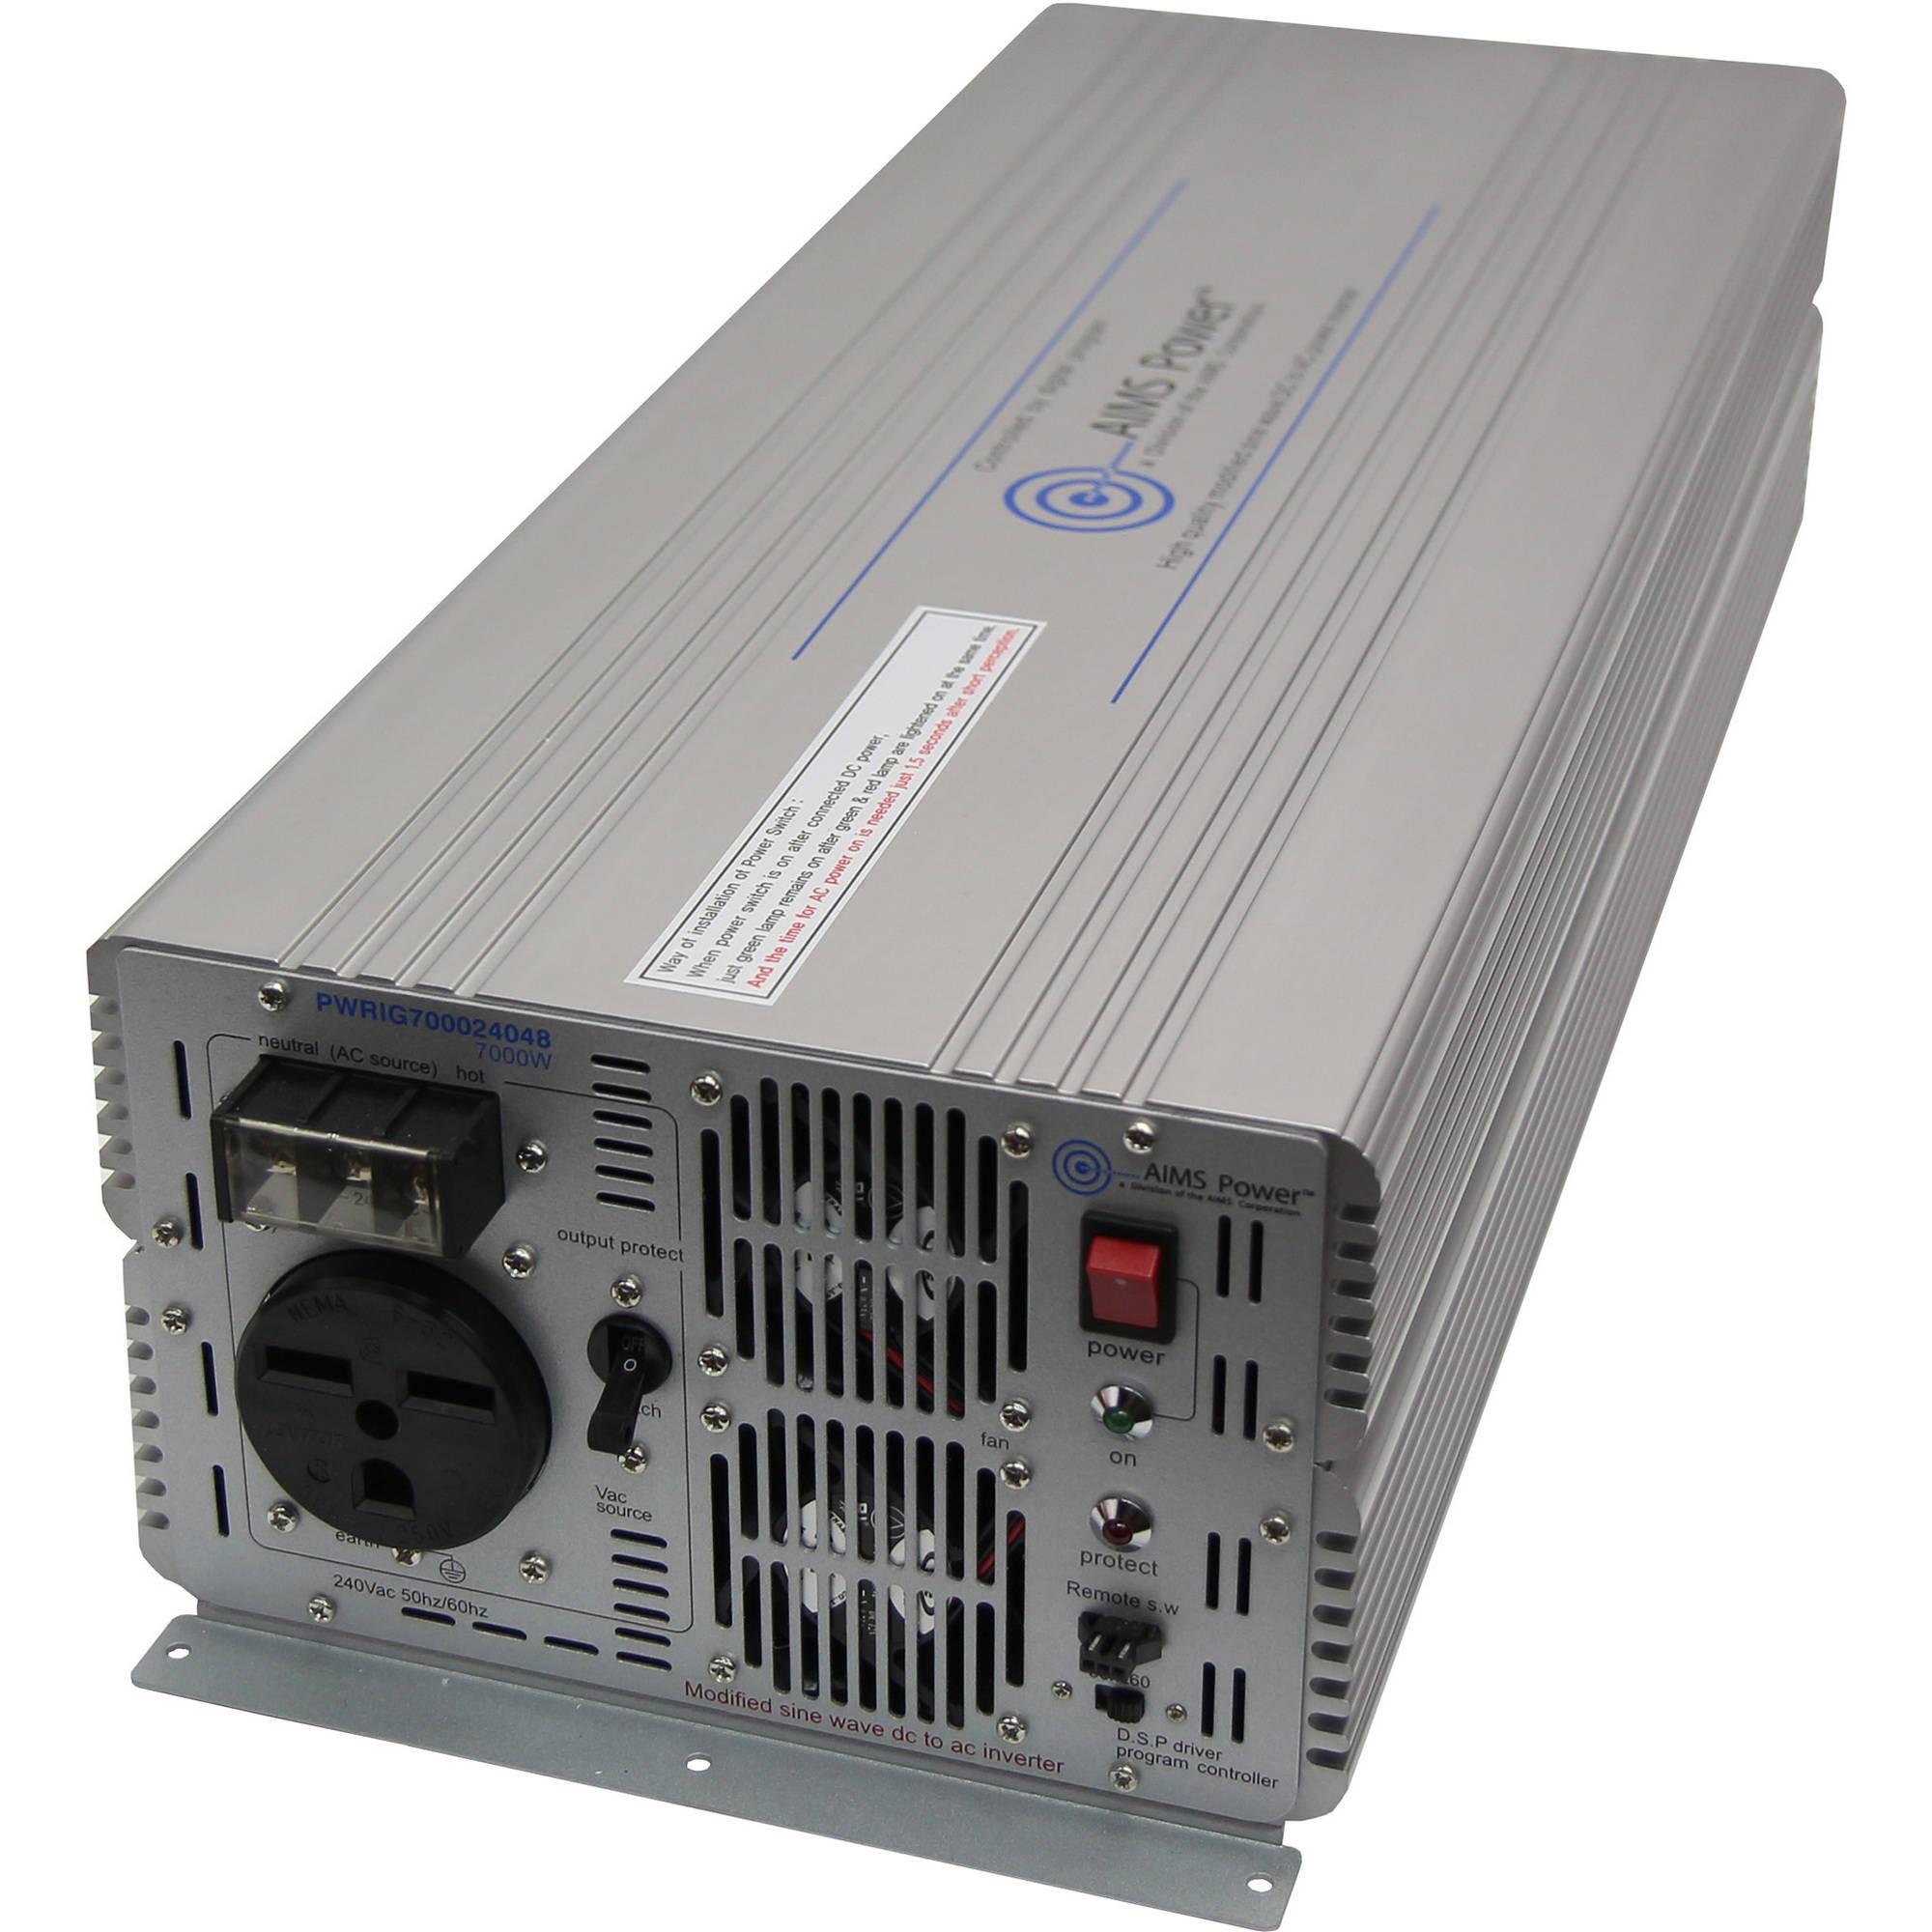 AIMS Power 7000 Watt 48Vdc to 240Vac Power Inverter